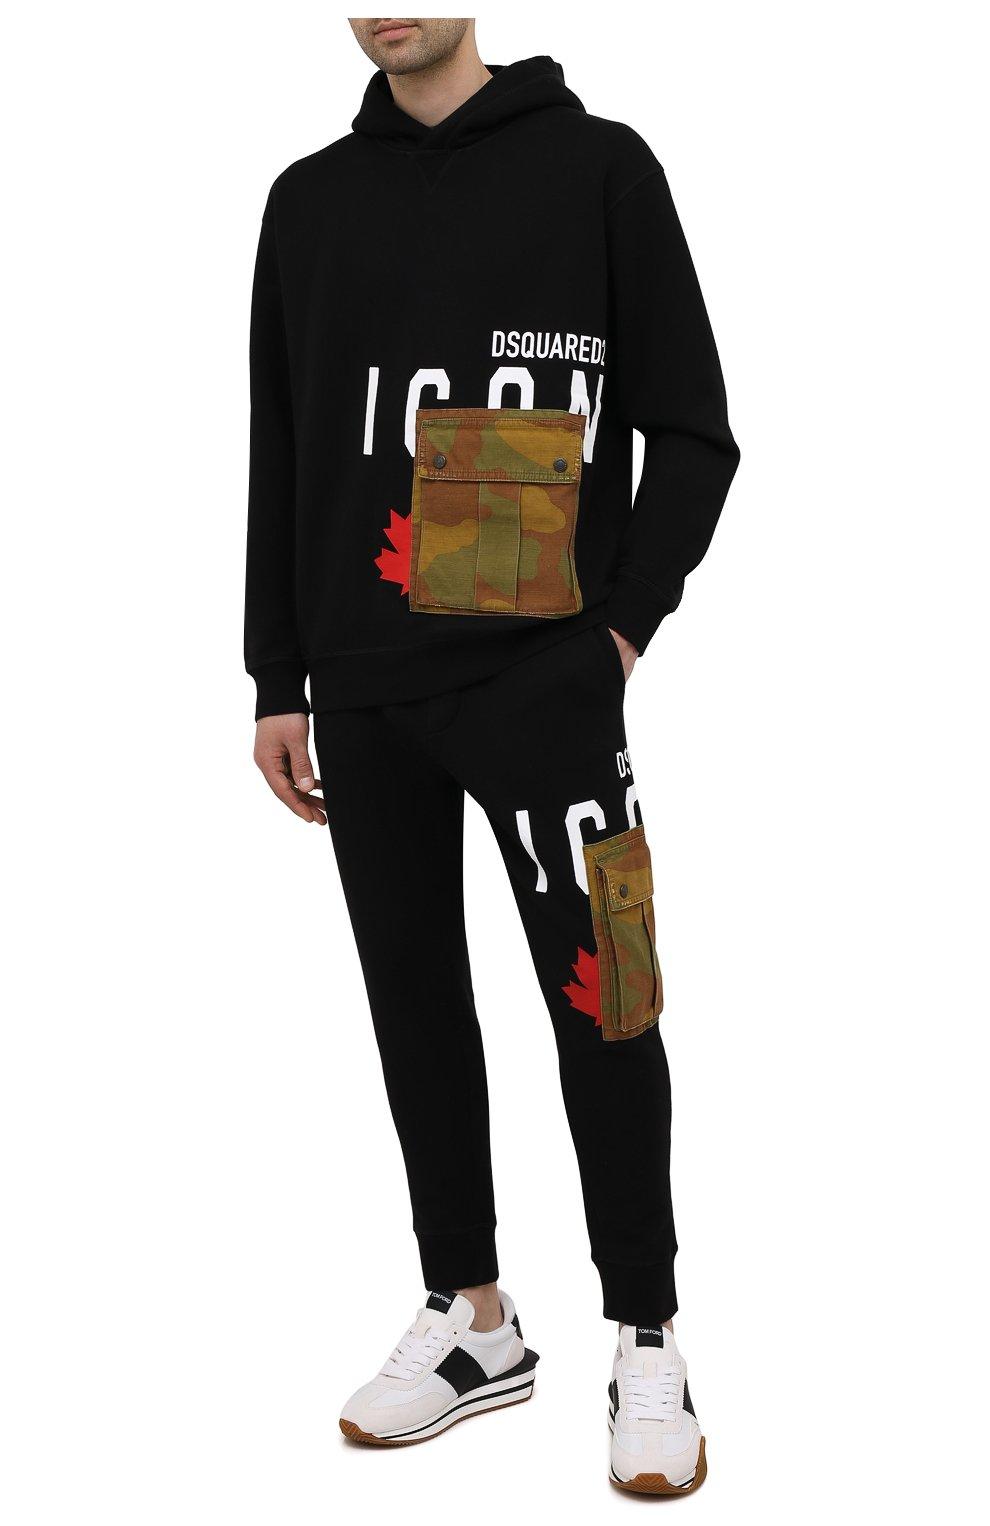 Мужские хлопковые джоггеры DSQUARED2 черного цвета, арт. S79KA0019/S25042 | Фото 2 (Мужское Кросс-КТ: Брюки-трикотаж; Длина (брюки, джинсы): Стандартные; Стили: Гранж, Спорт-шик; Материал внешний: Хлопок; Силуэт М (брюки): Джоггеры)